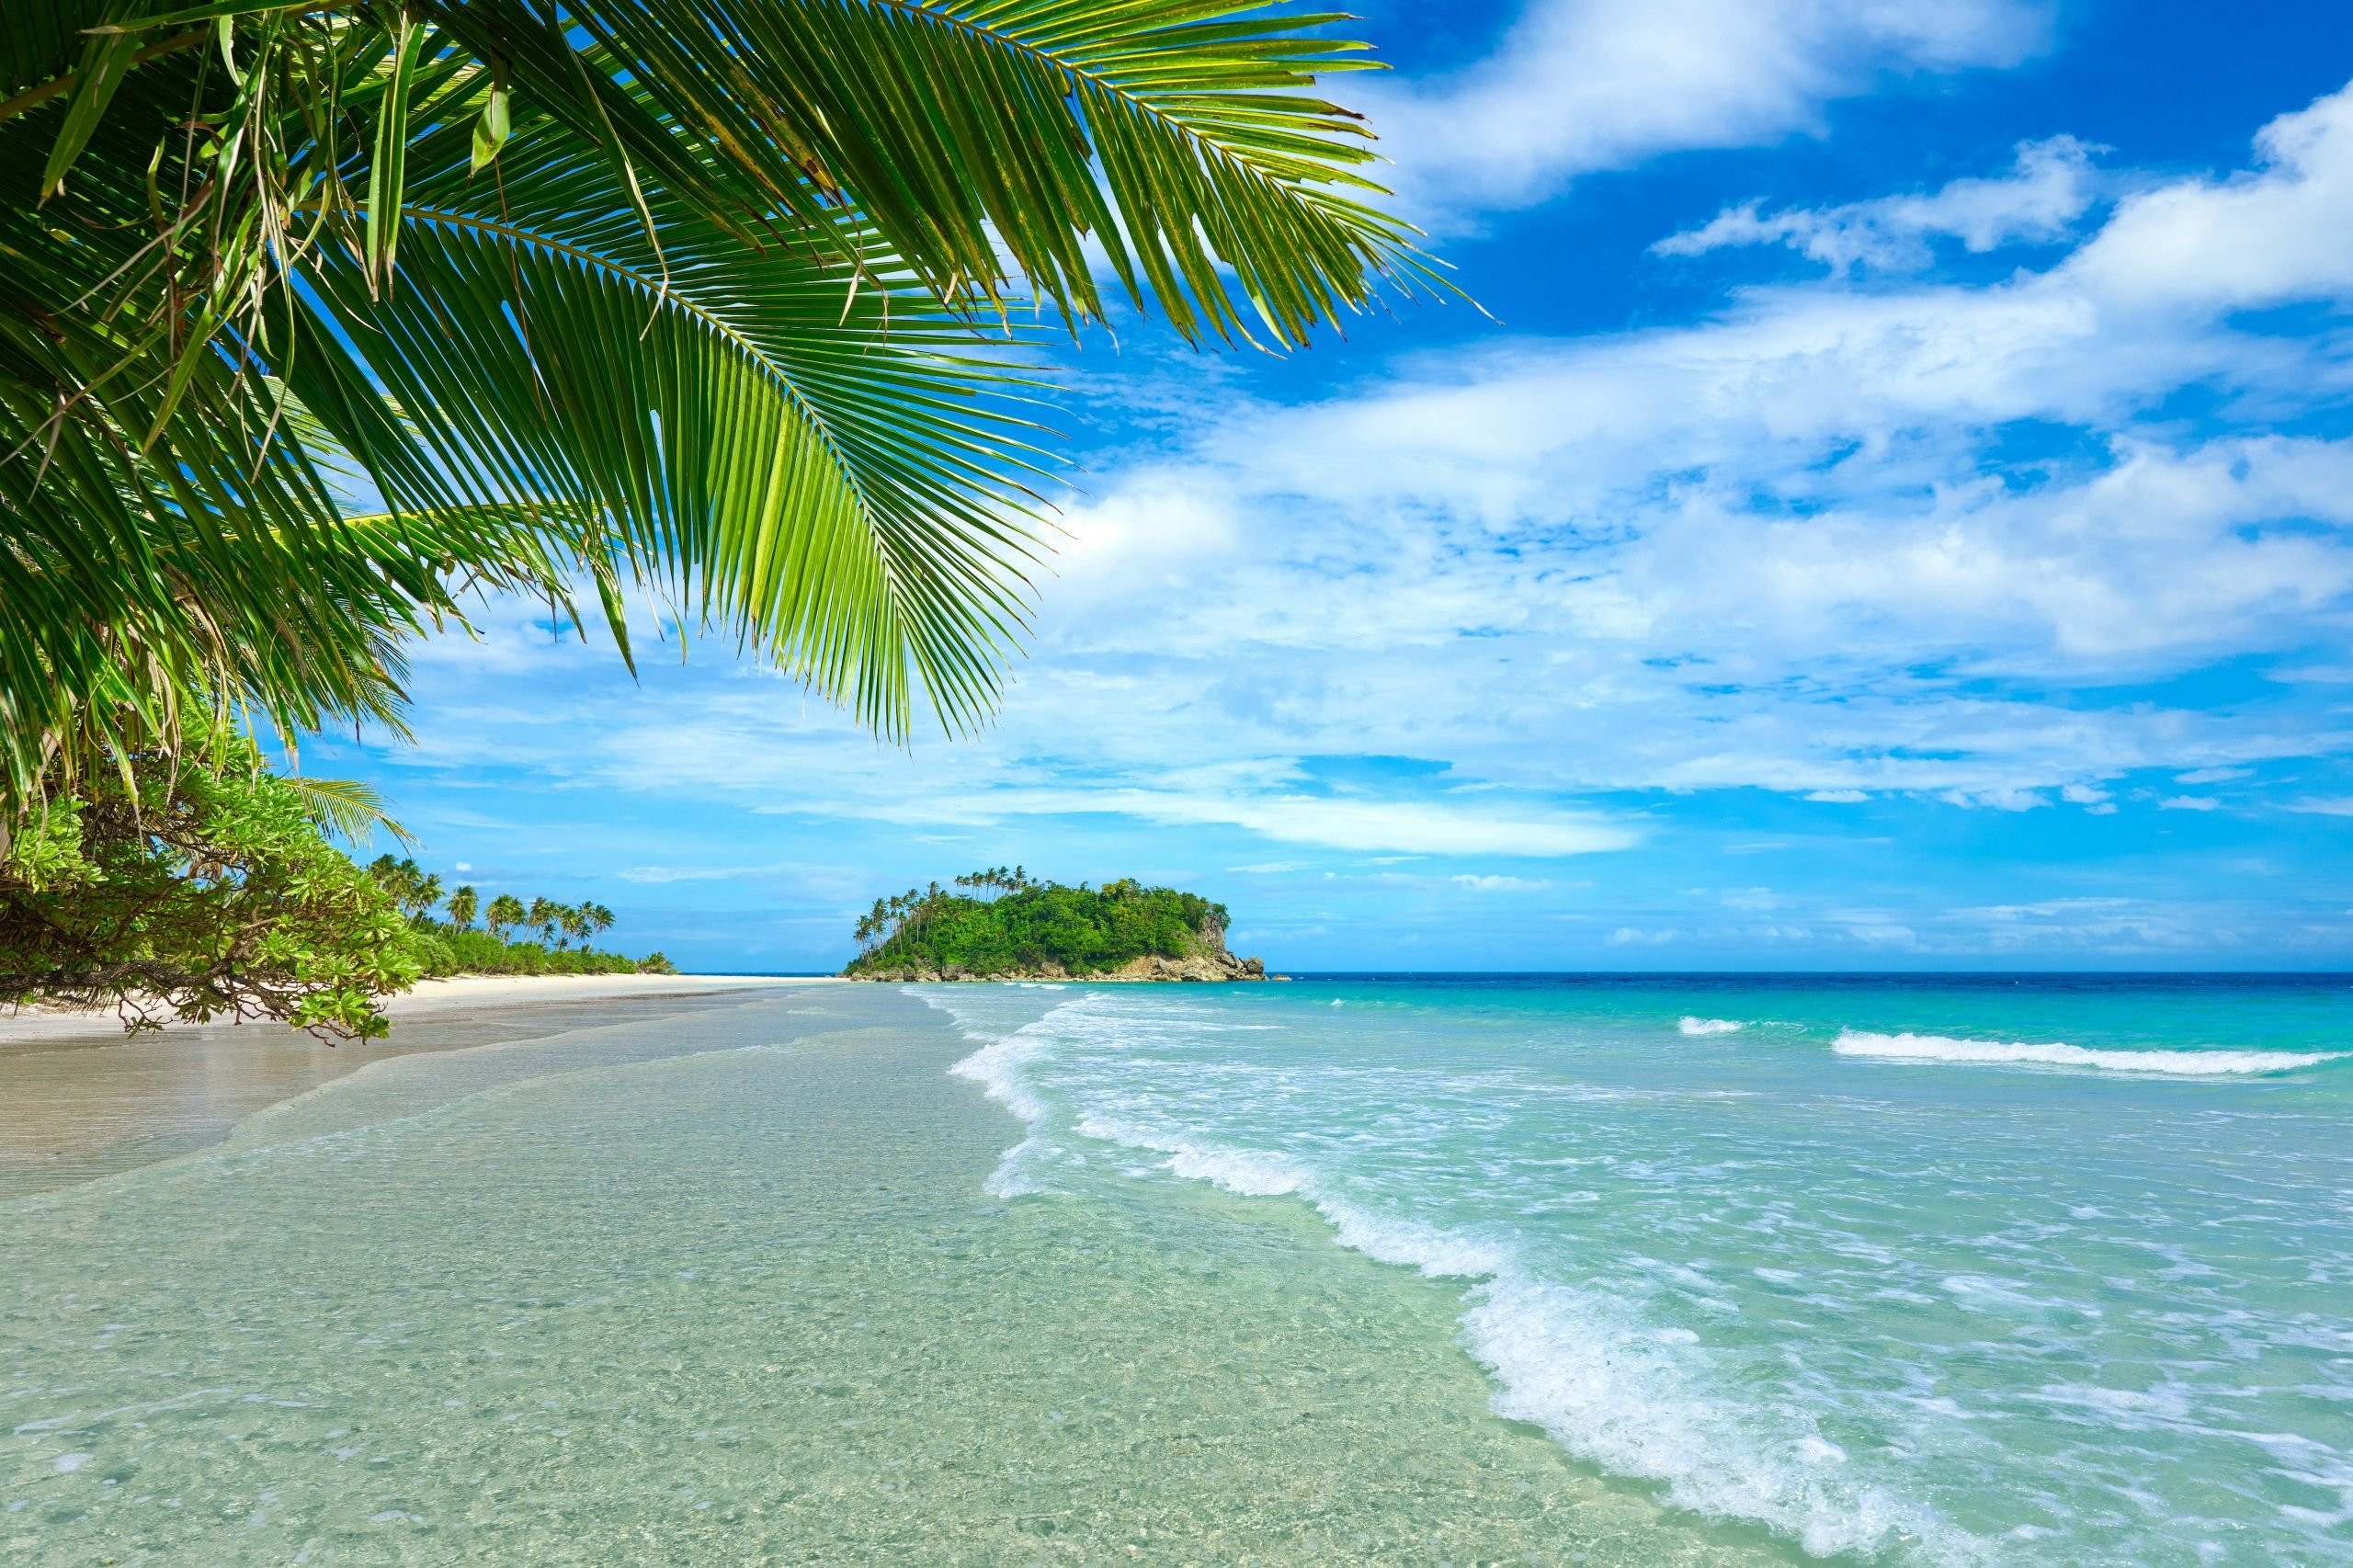 Fonds D Ecran Ciel Cote Mer Tropique Ete Nature Image 492420 Telecharger Paysage Rose Fond Ecran Tropique